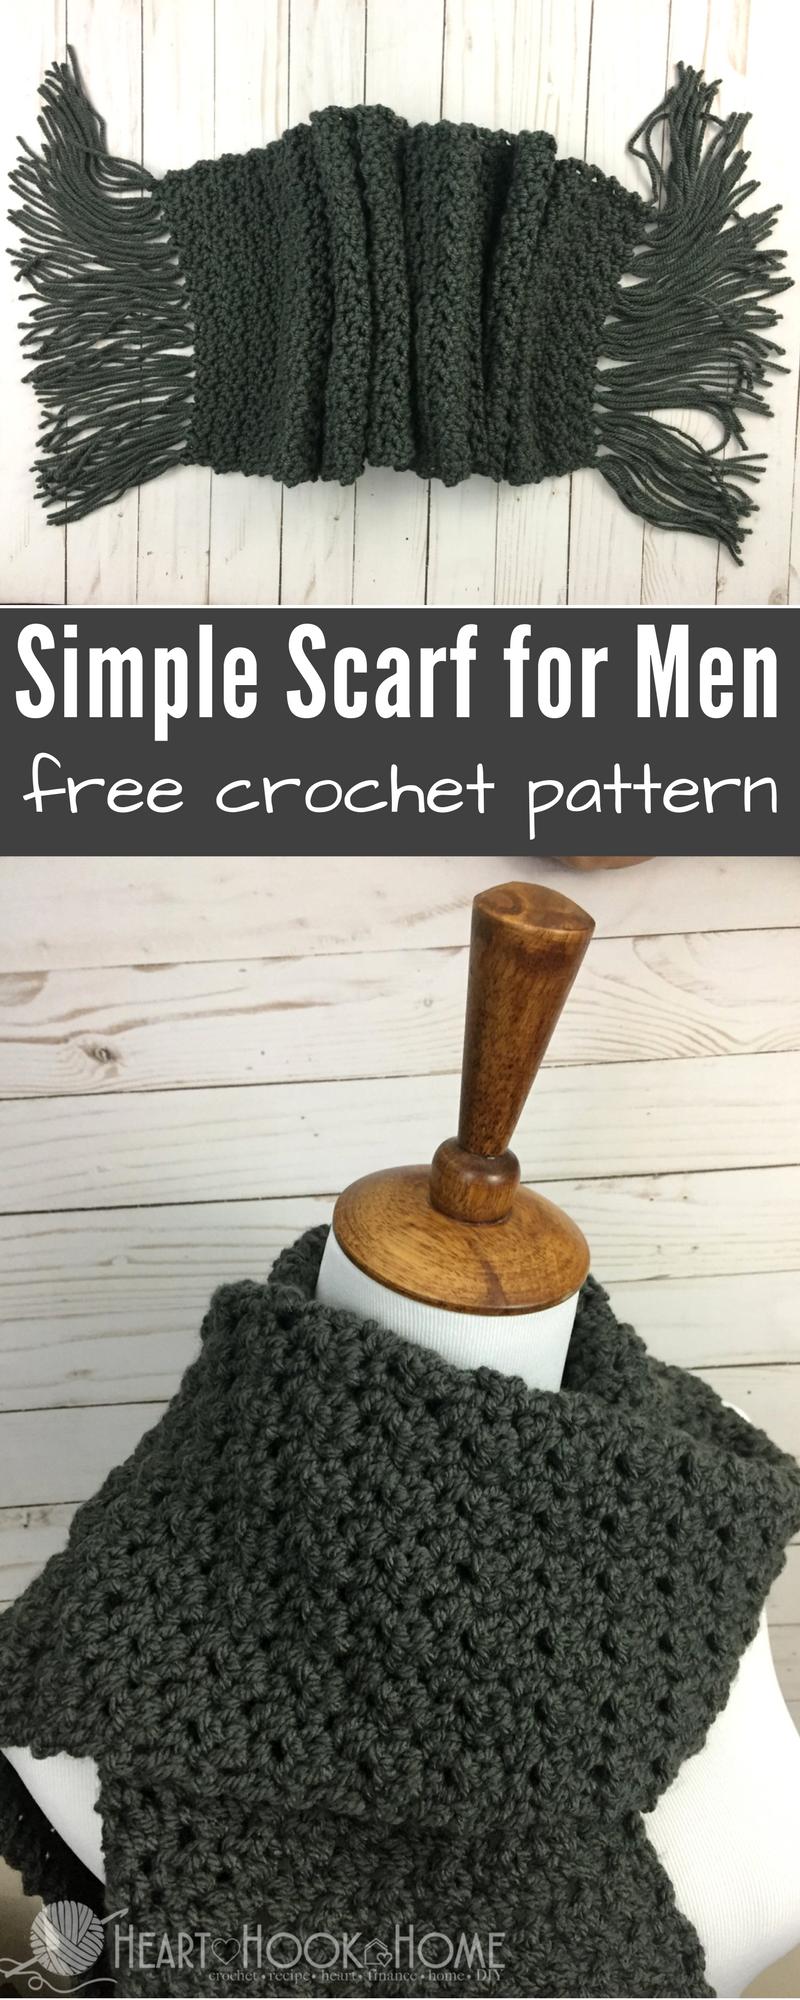 Simple Scarf for Men Free Crochet Pattern | Stricken und häkeln ...